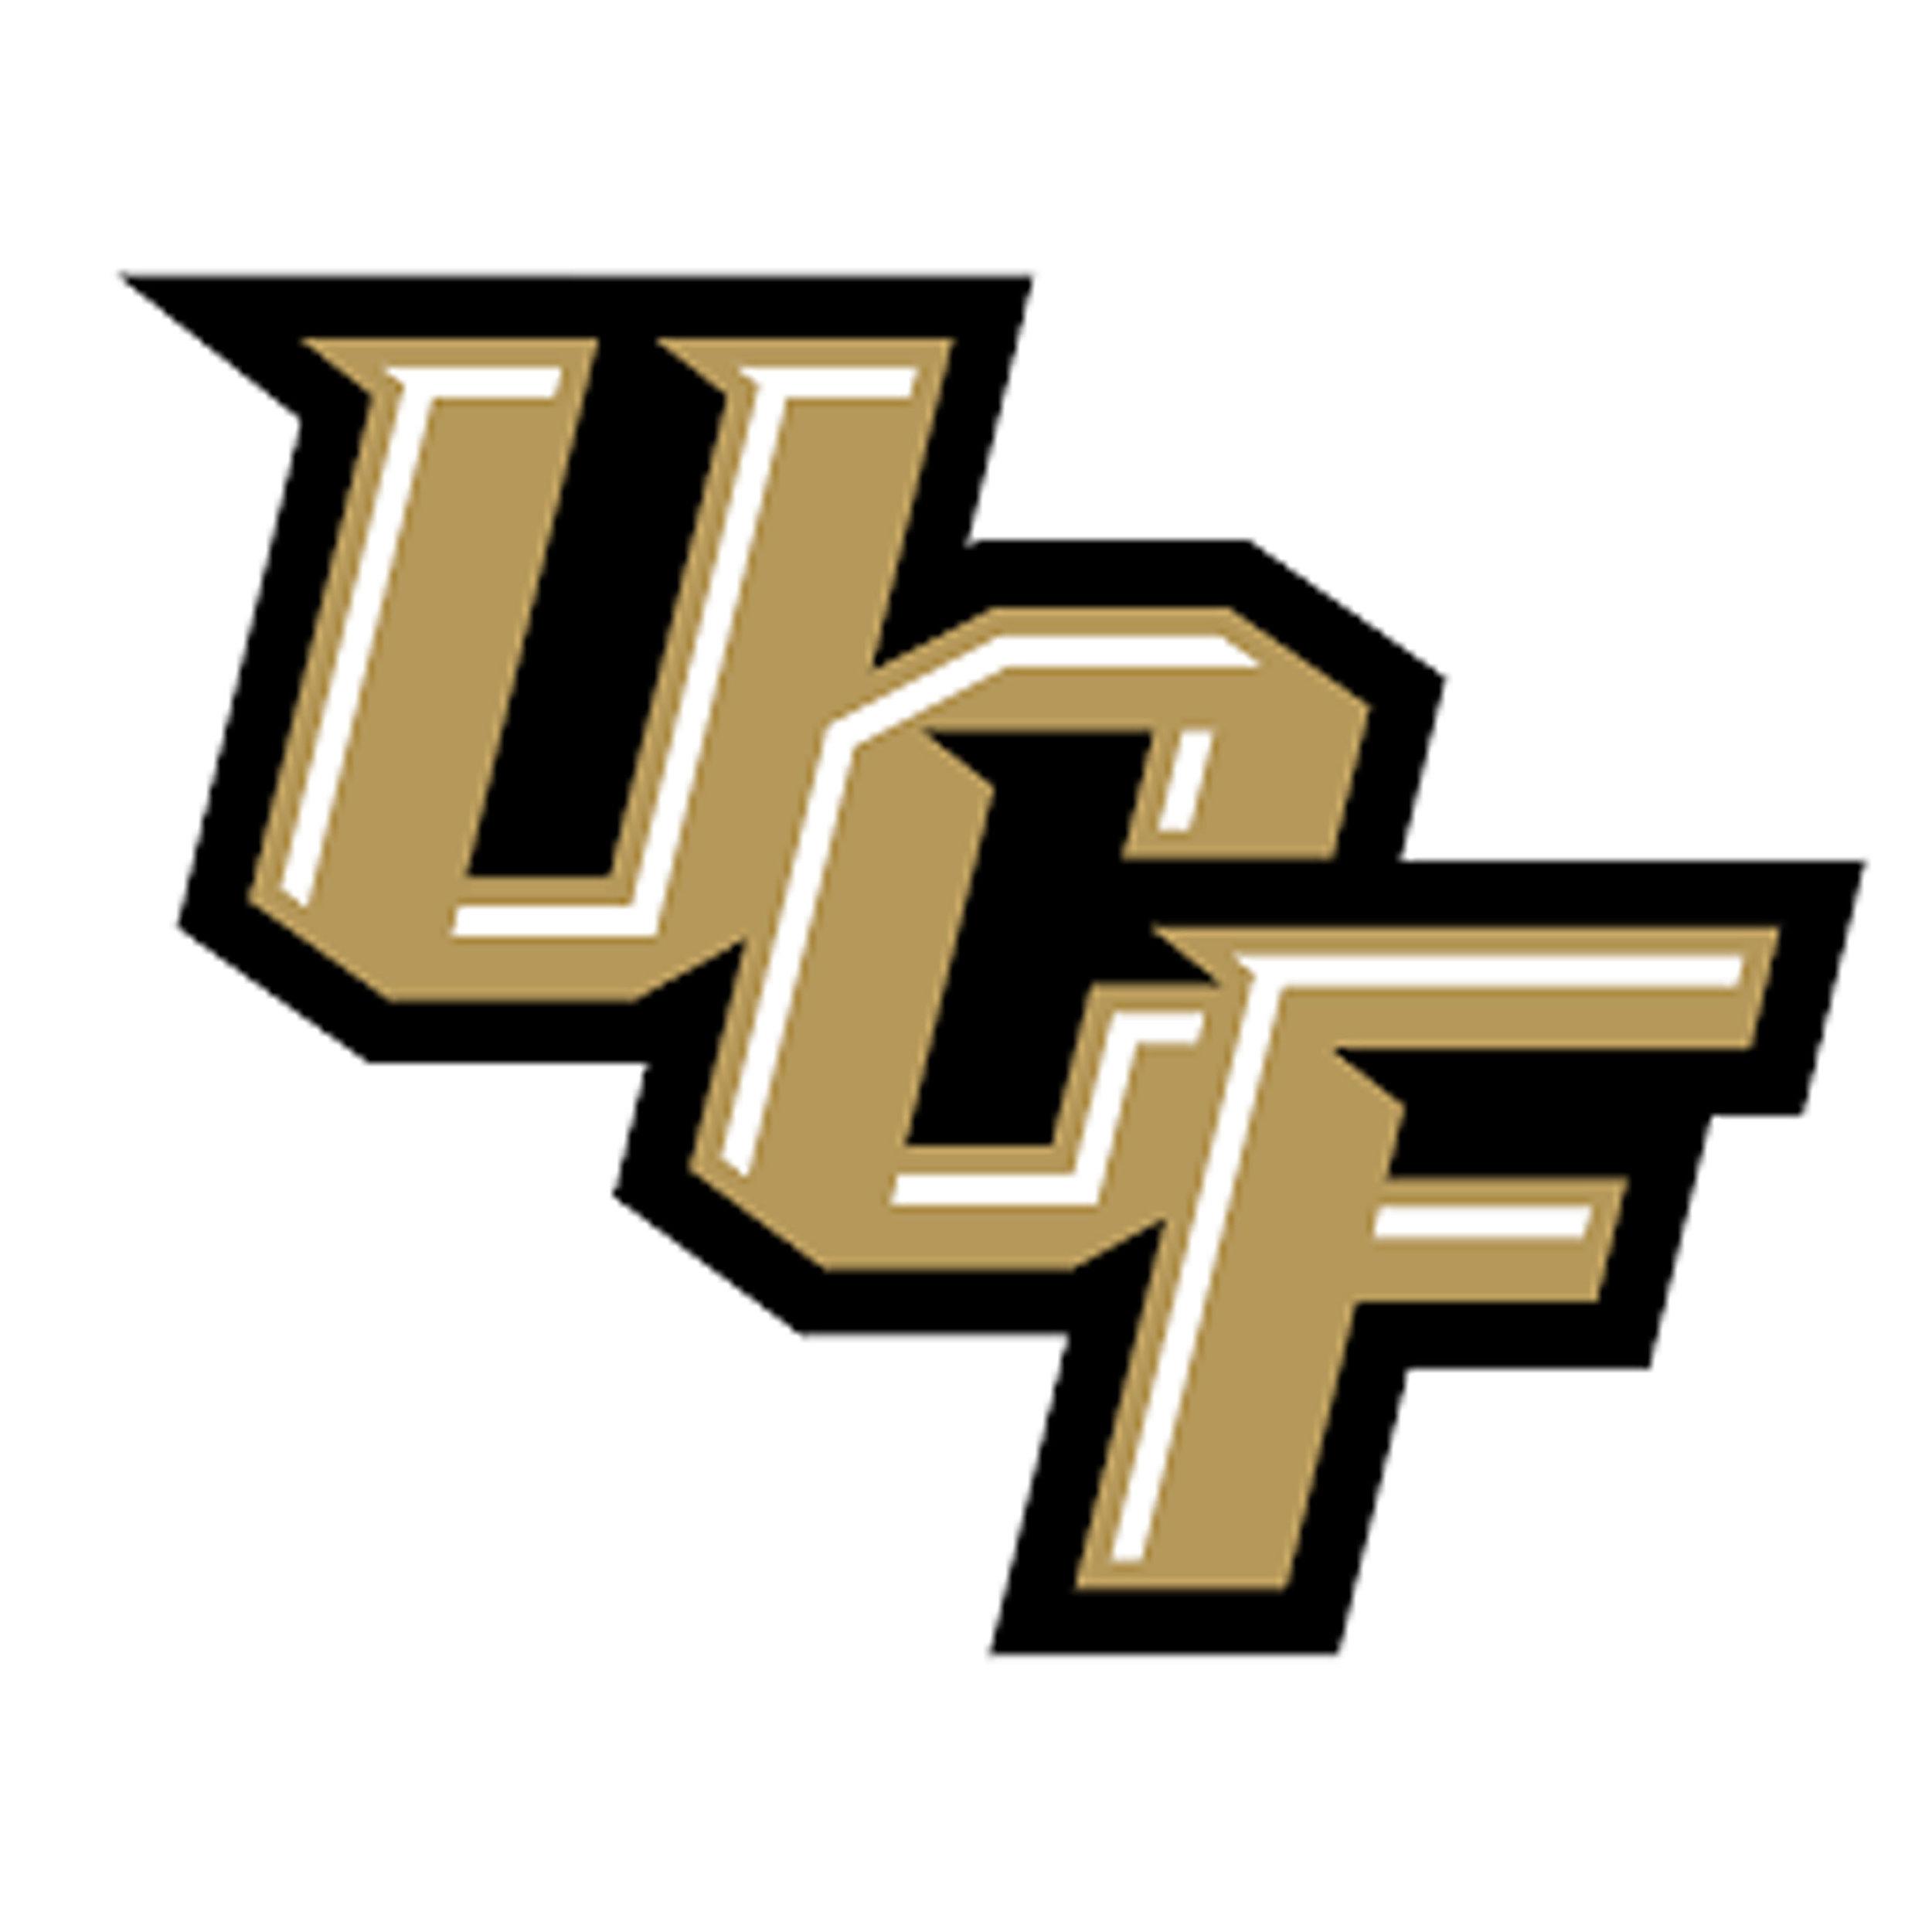 ucf logo.jpg